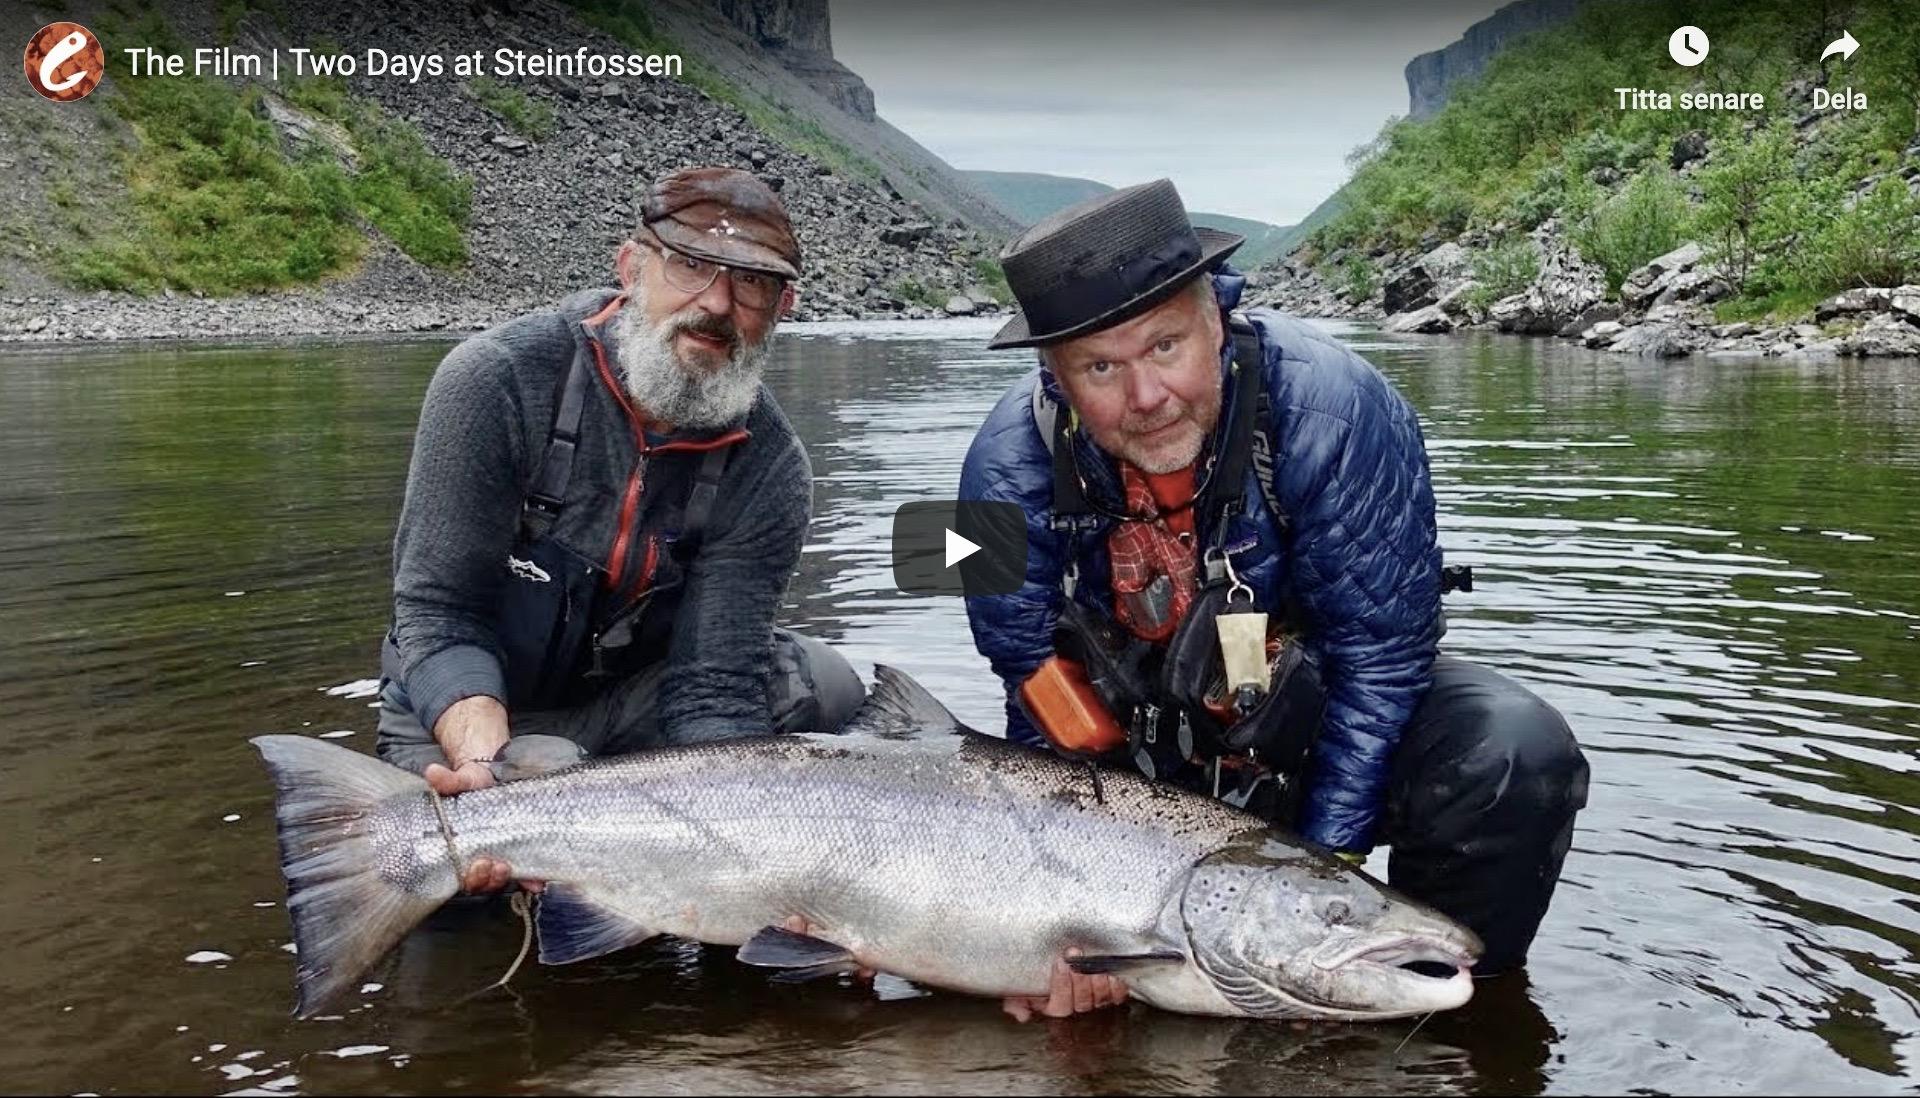 Håkan Norling 55lb atlantic salmon Steinfossen – Alta